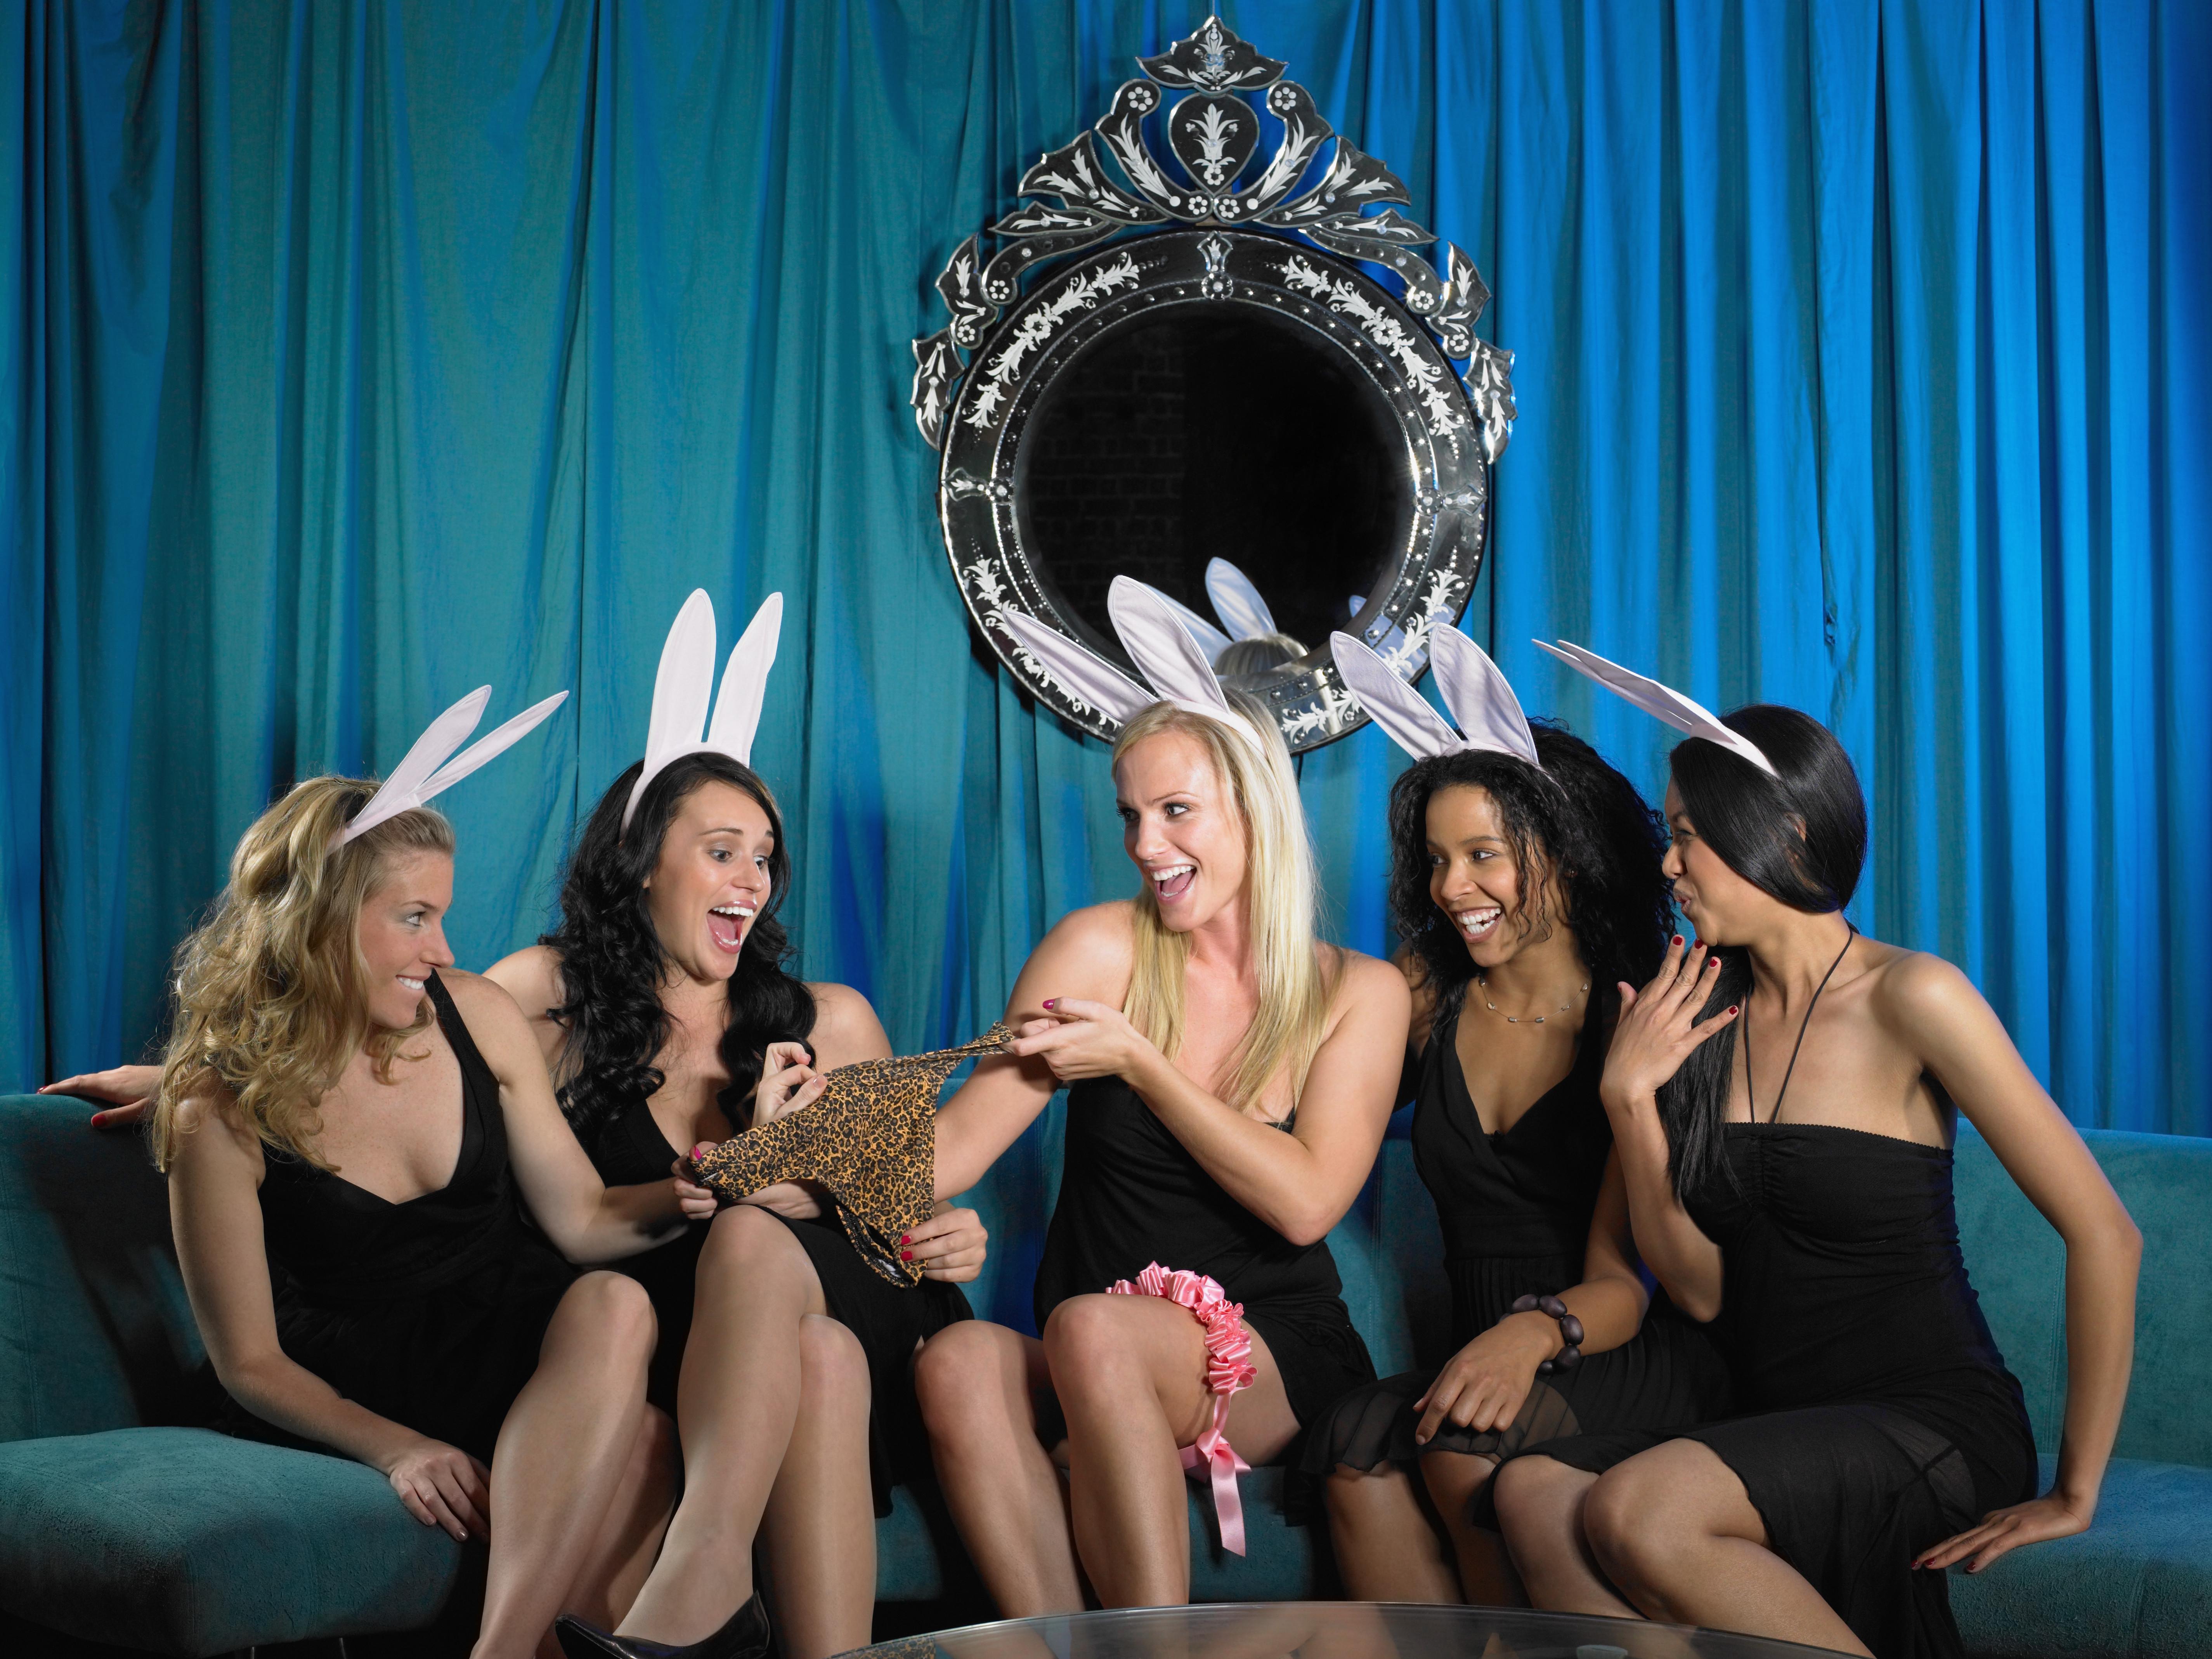 Ролики с вечеринок 11 фотография